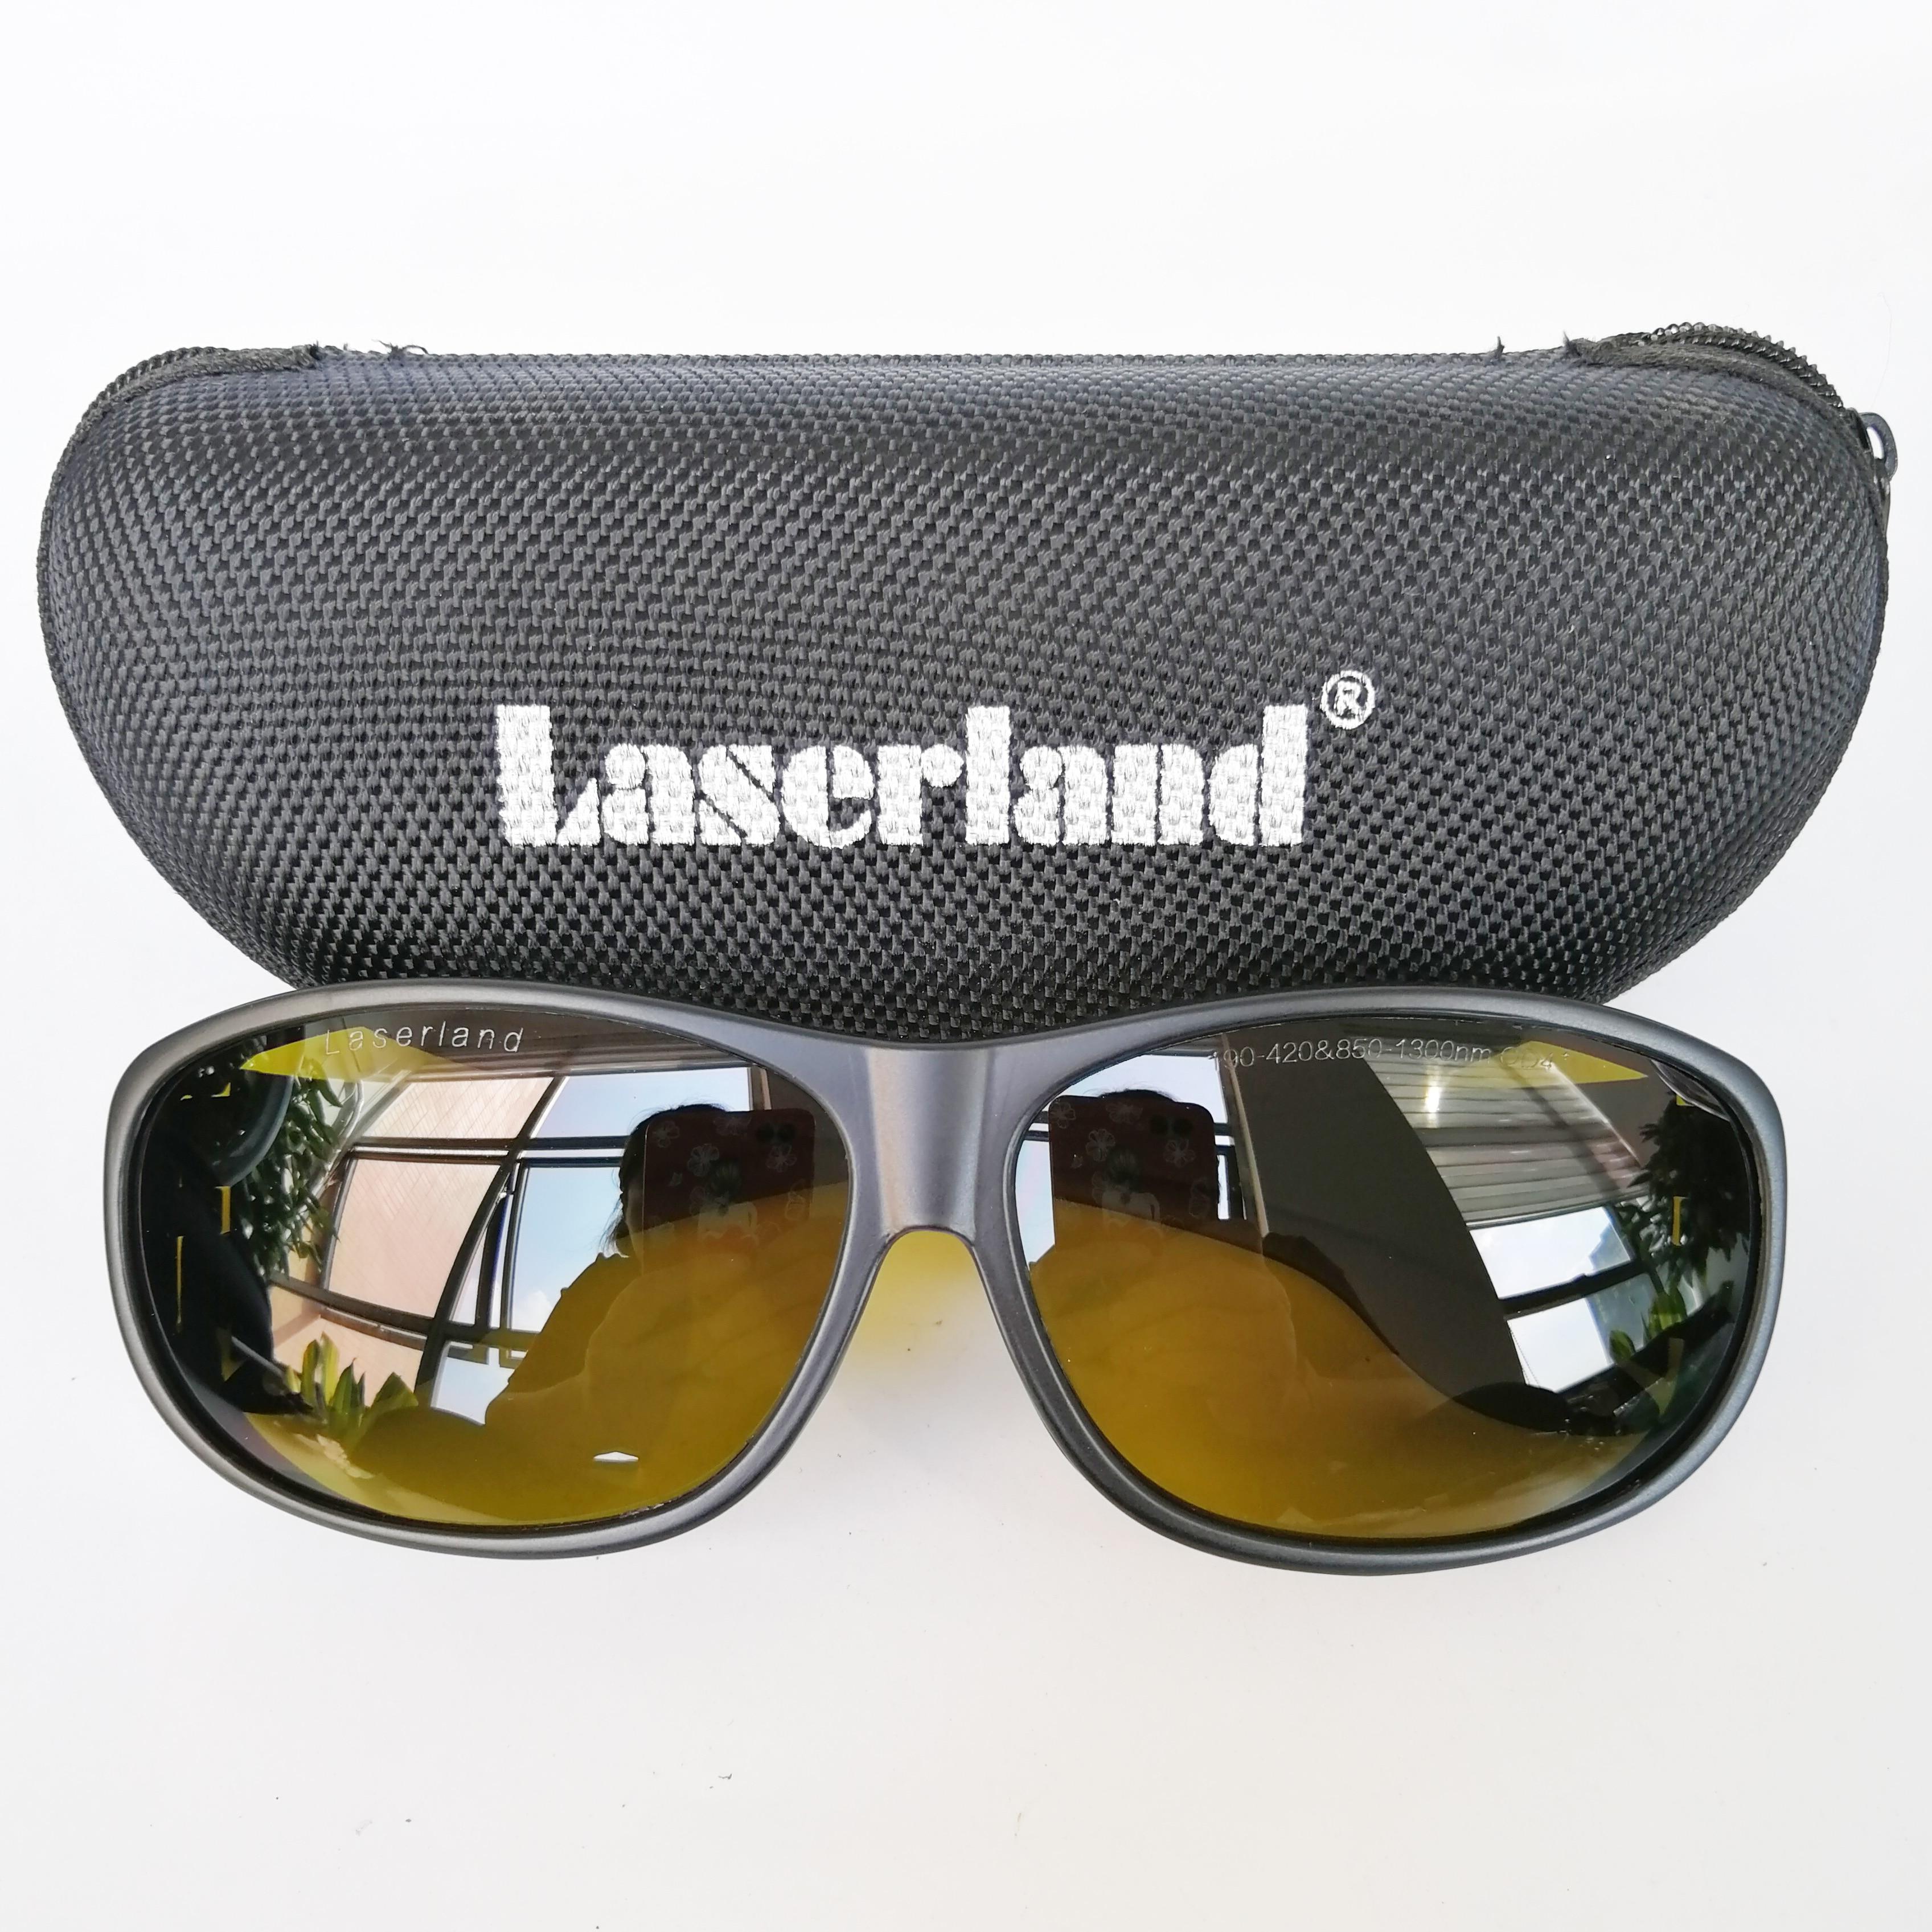 850nm-980nm-1064nm OD4 + Nd: YAG láser de fibra infrarrojo IR gafas protectoras gafas de seguridad CE Caliente táctica electrónica orejera para disparar al aire libre deportes Anti-ruido auriculares de sonido de amplificación de audiencia de auriculares